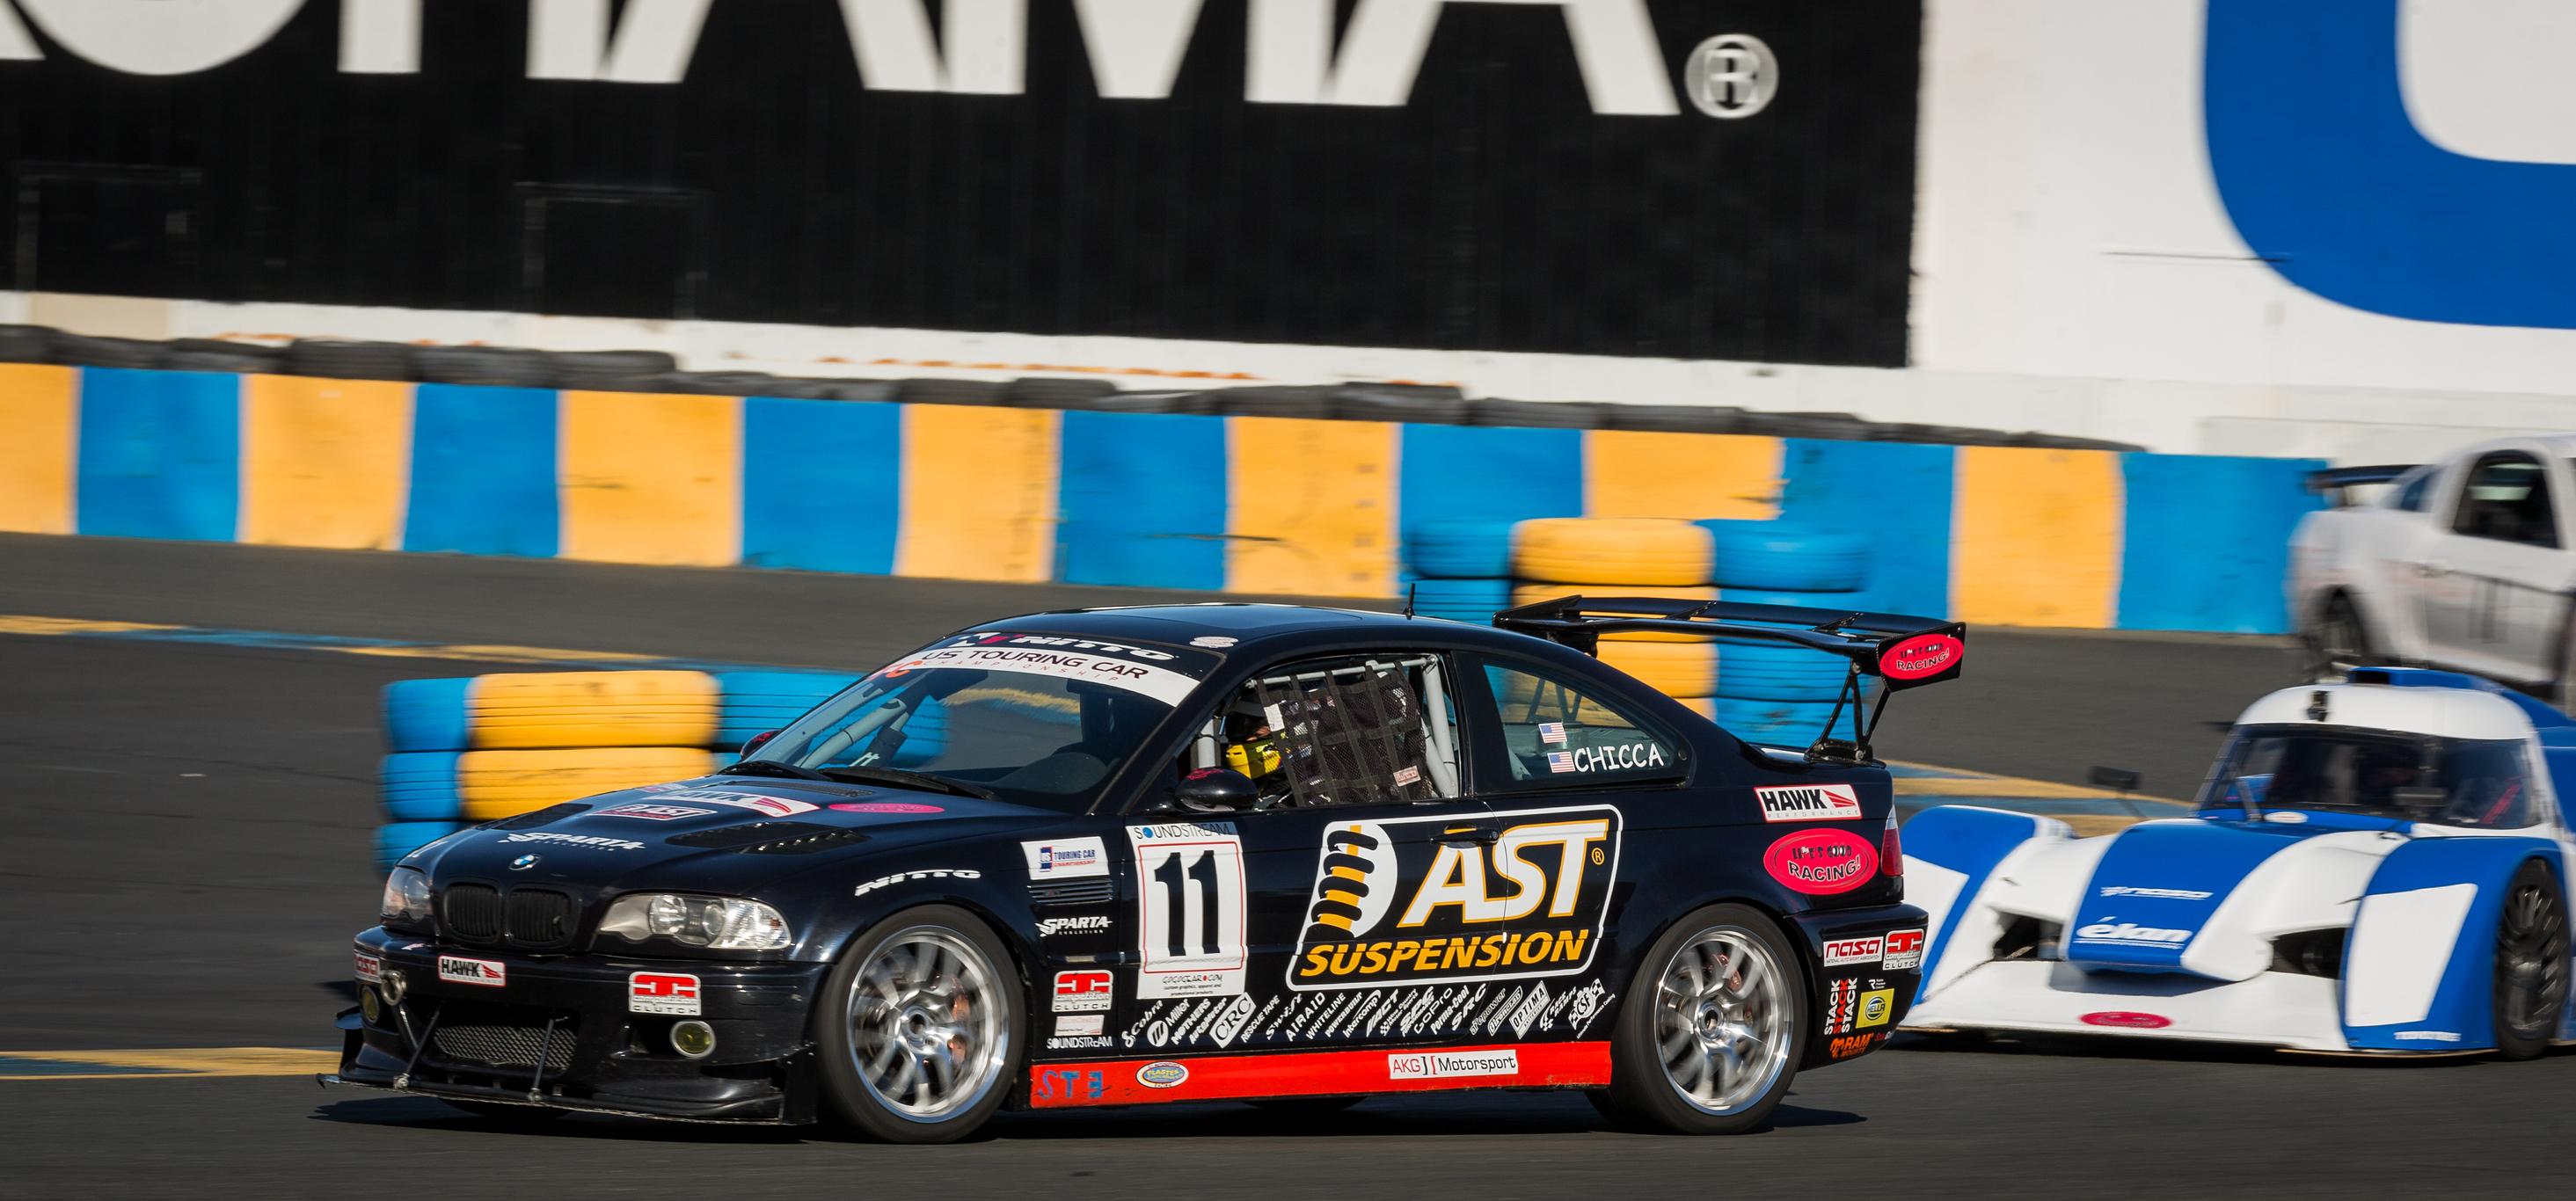 Racing Calendar   Life\'s Good Racing!   Livermore, CA : Life\'s Good ...